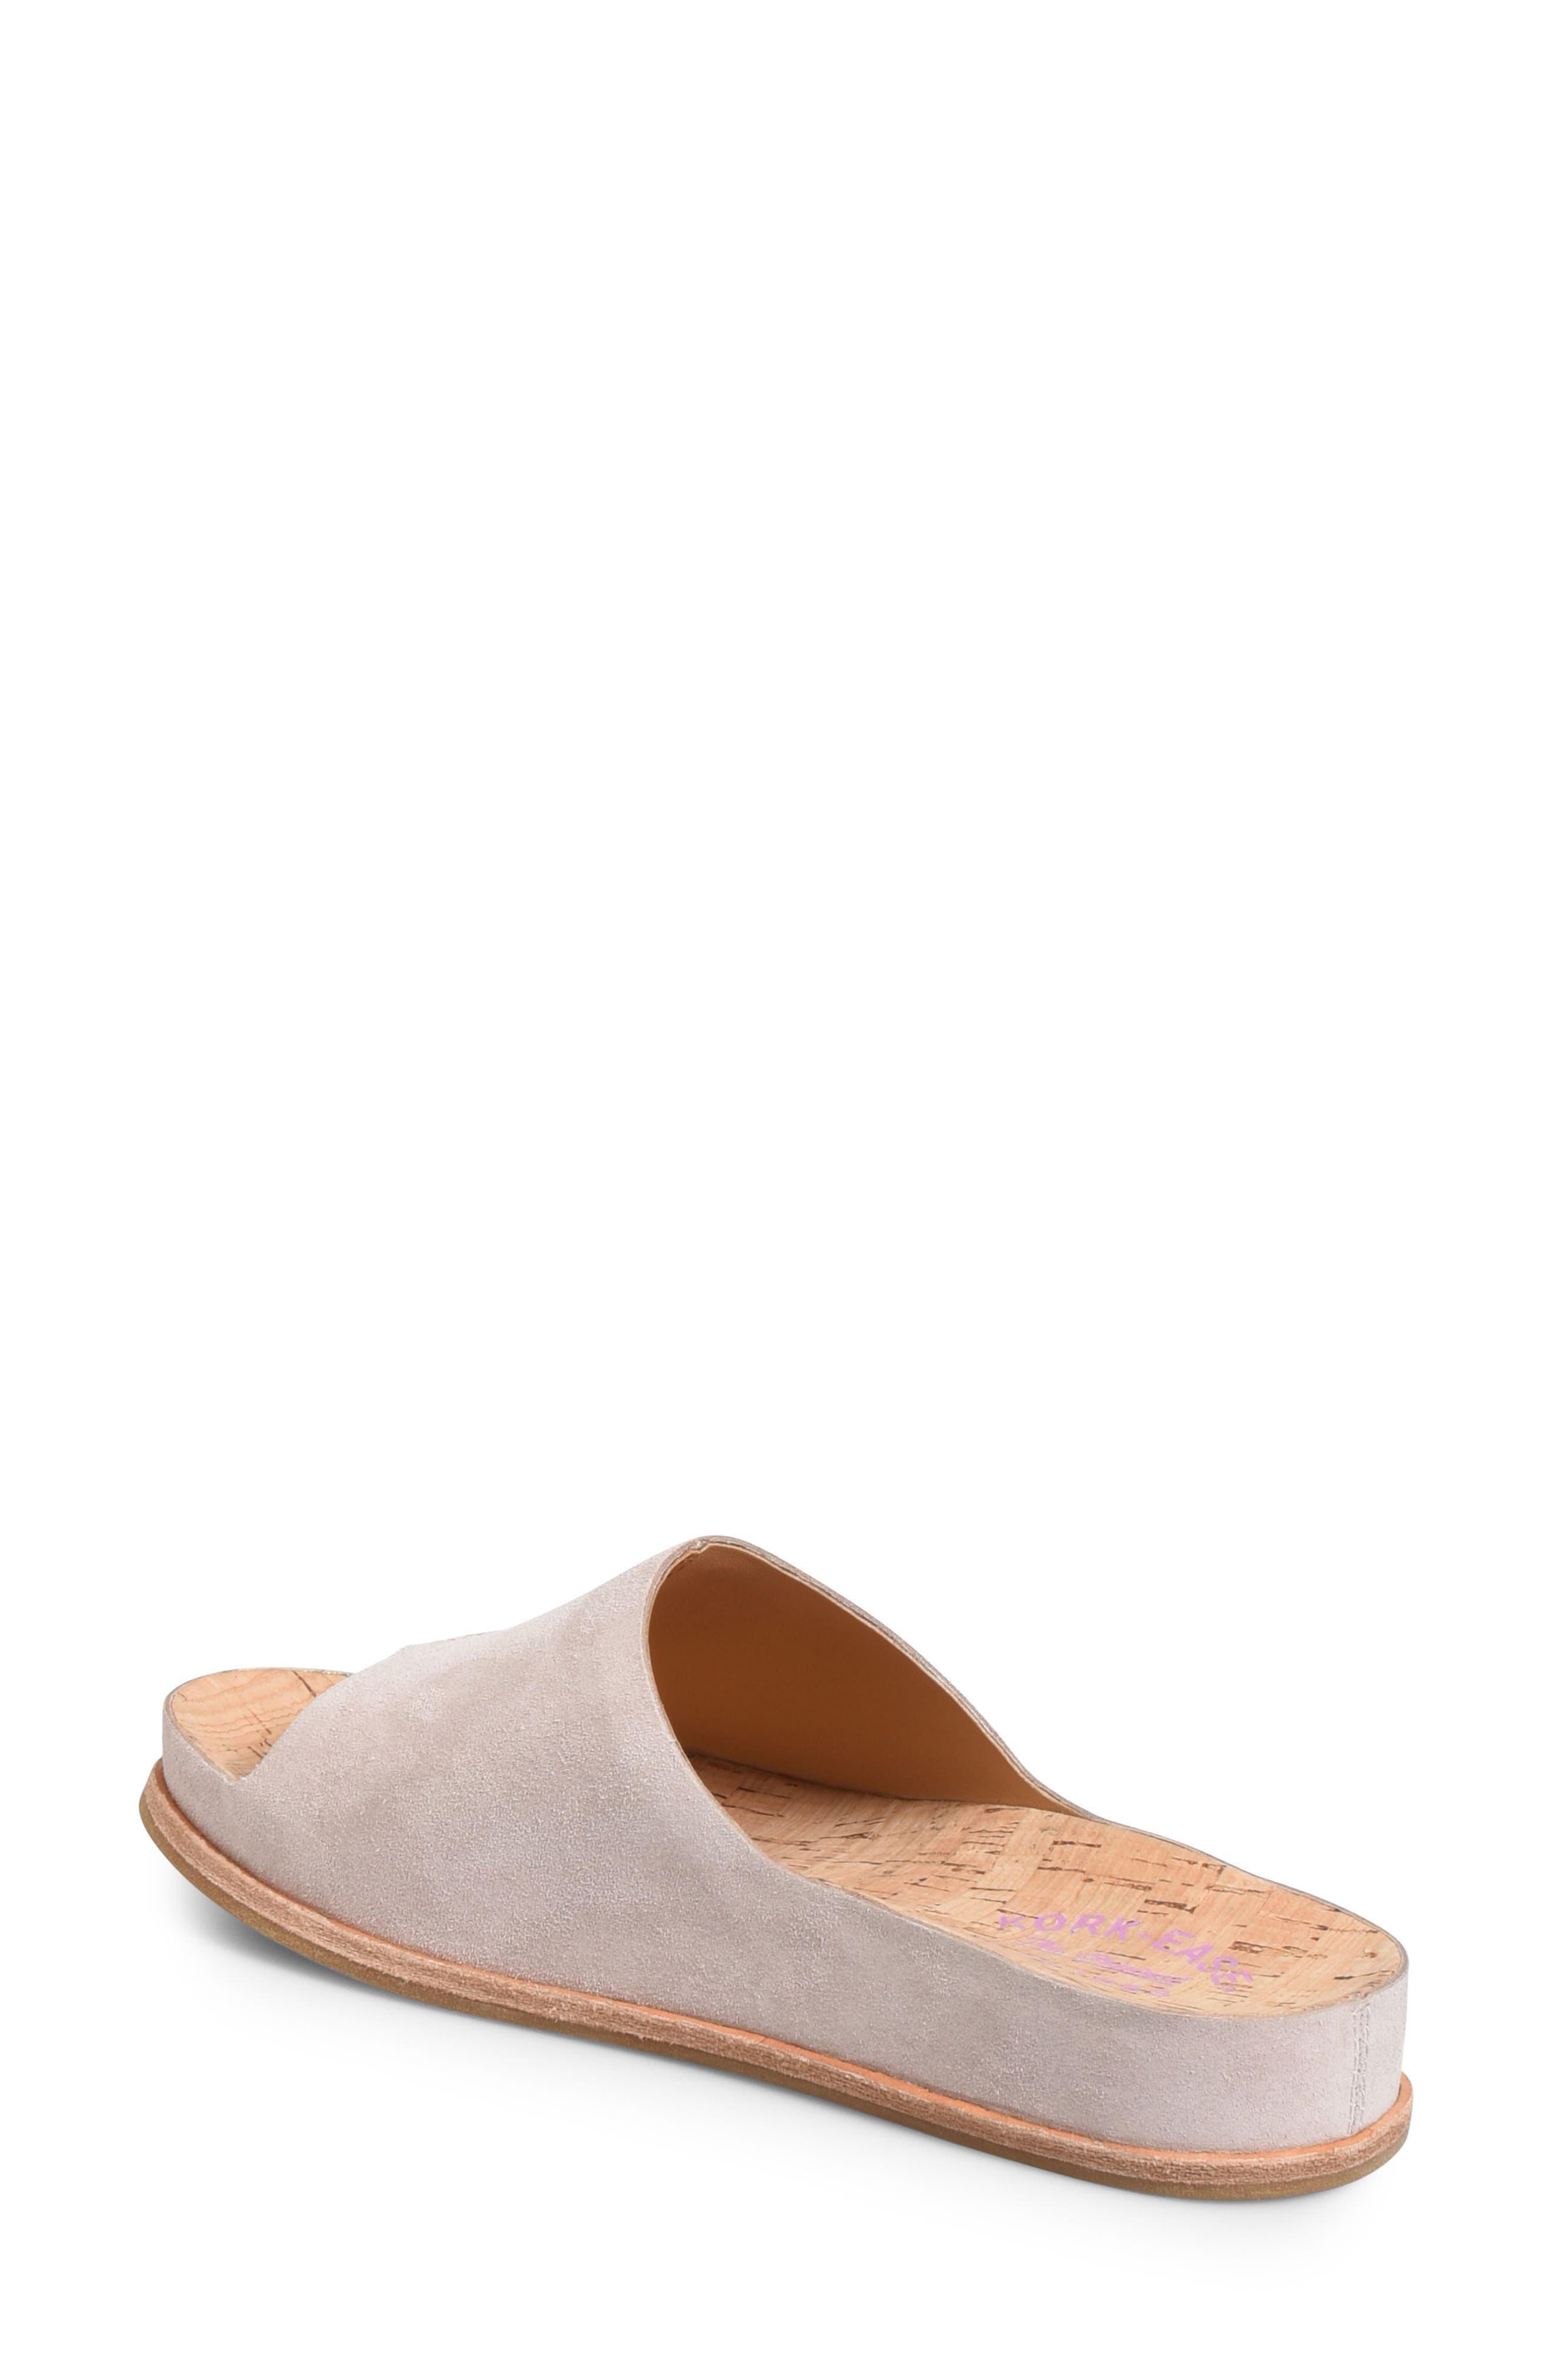 Alternate Image 2  - Kork-Ease® 'Tutsi' Slide Sandal (Women)